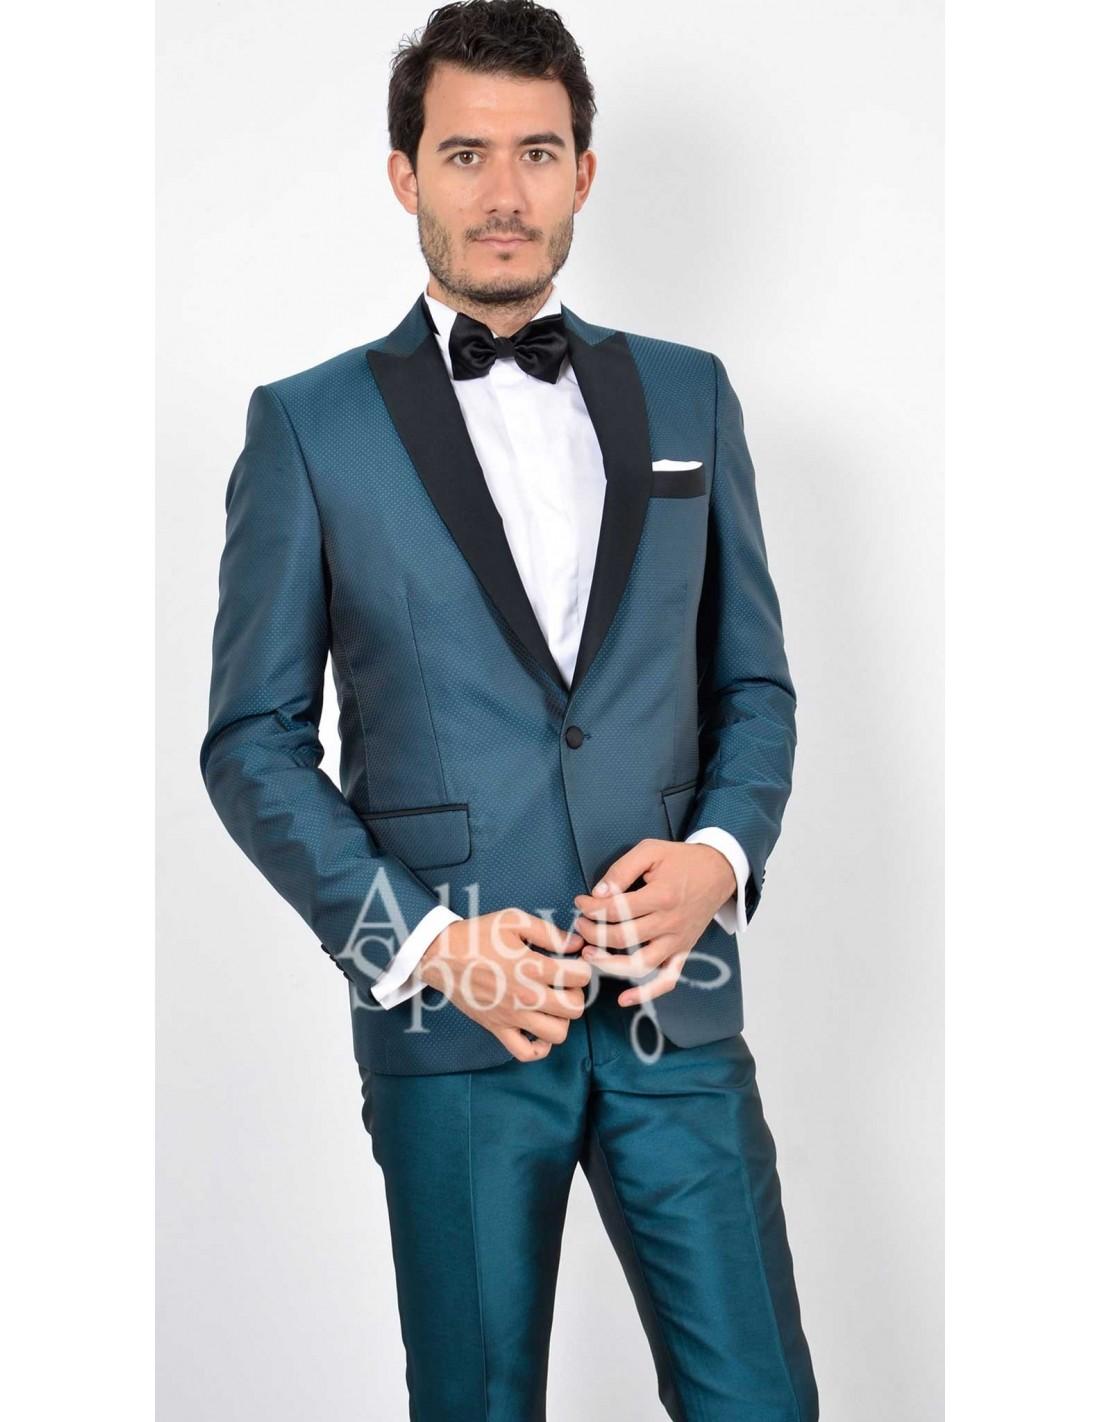 Abito Matrimonio Uomo Verde : Abito da sposo verde petrolio gente moda